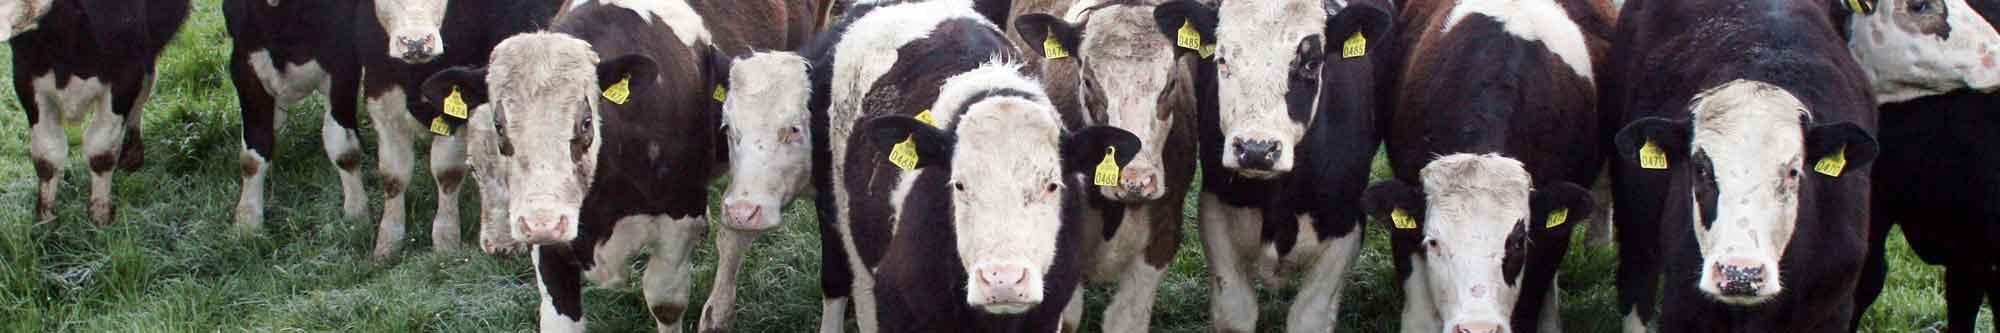 focal farmer - IRD Duhallow